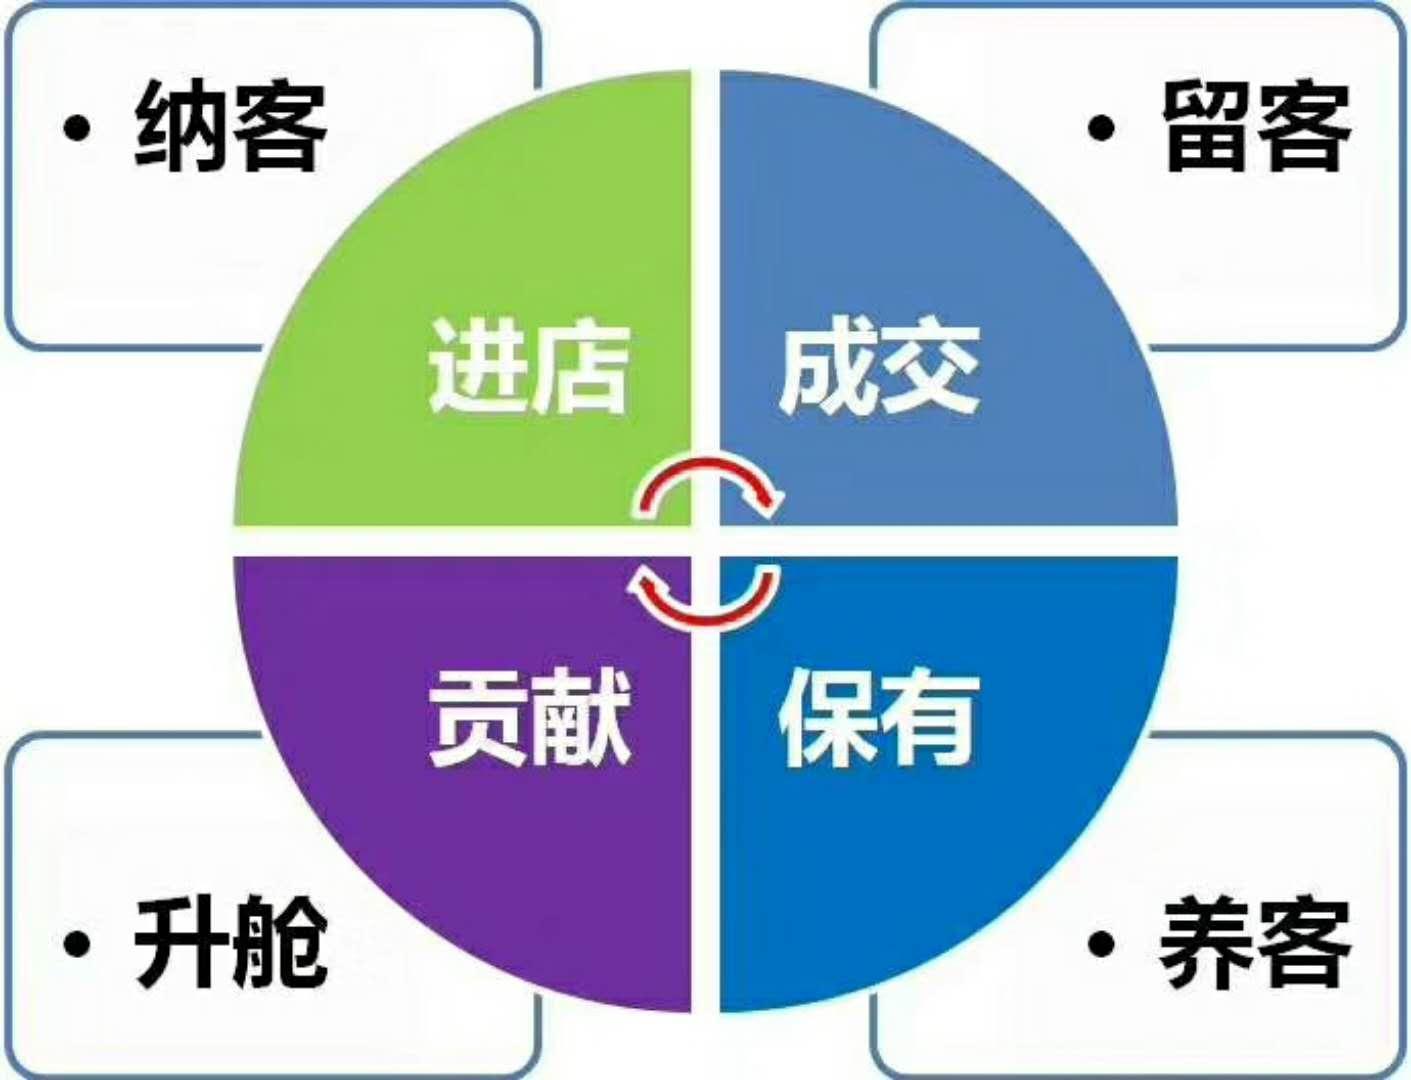 萍乡养生馆拓客公司团队